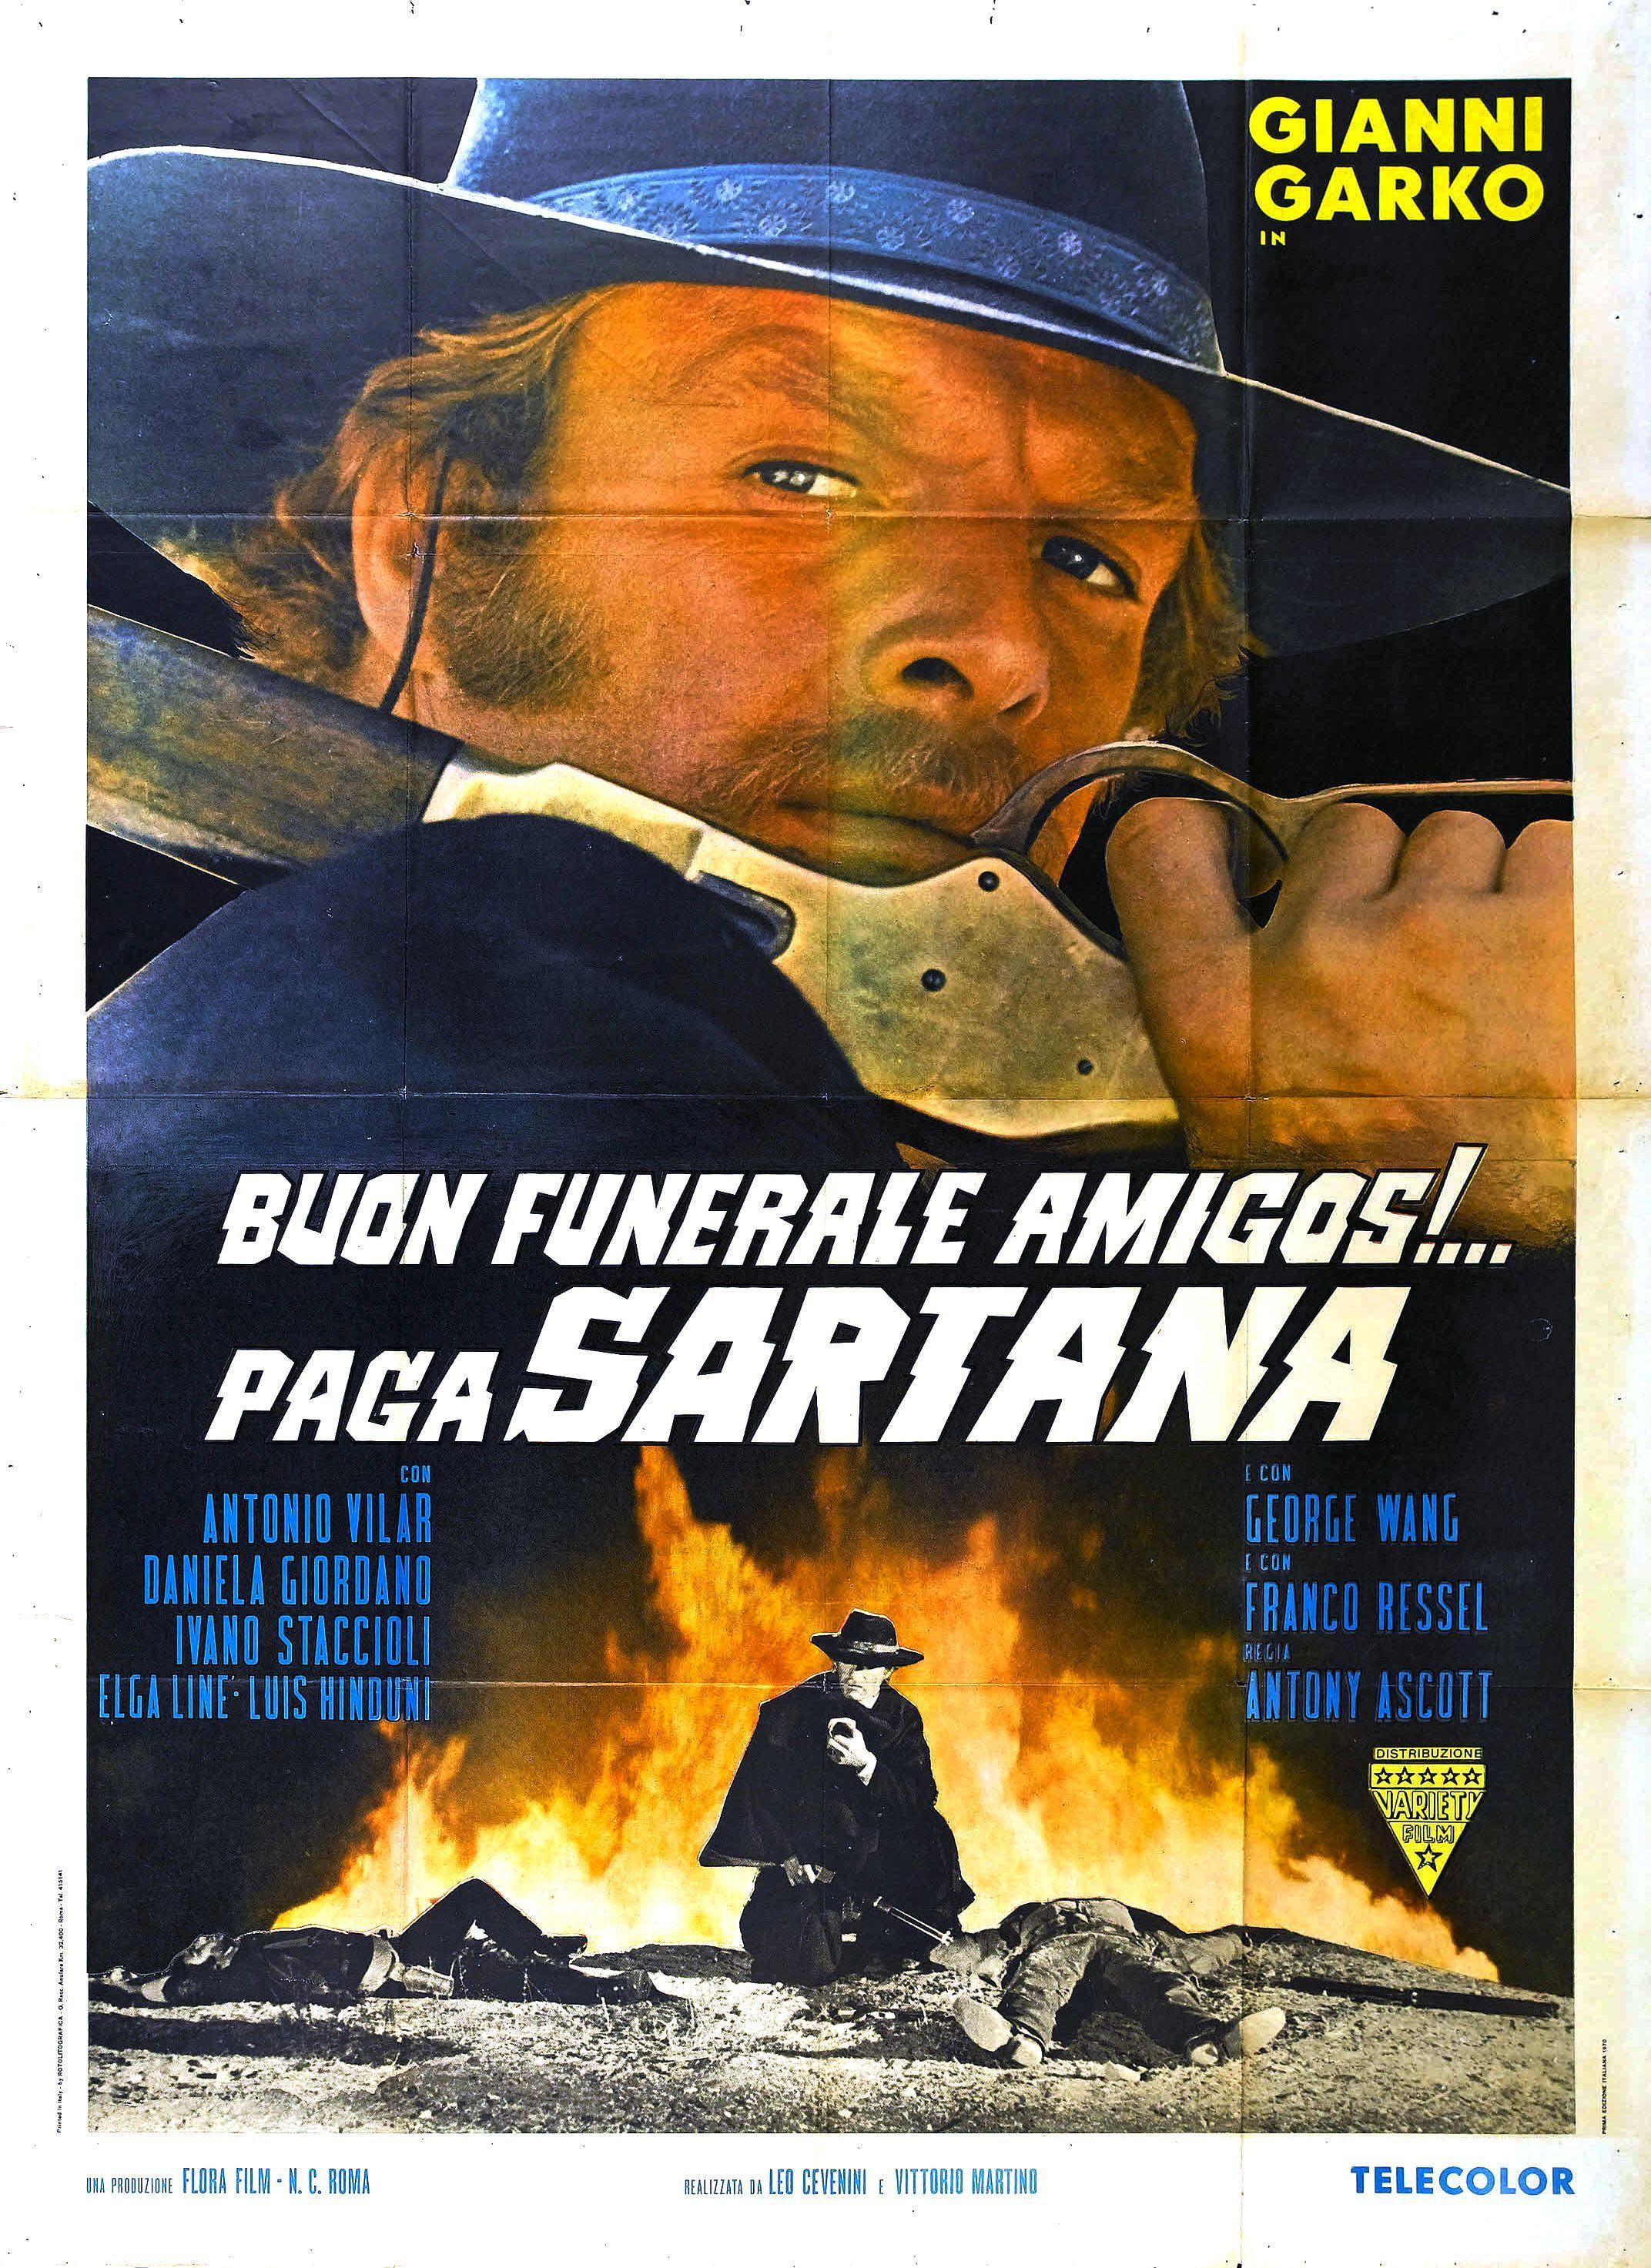 Sartana Will Pay (1970)